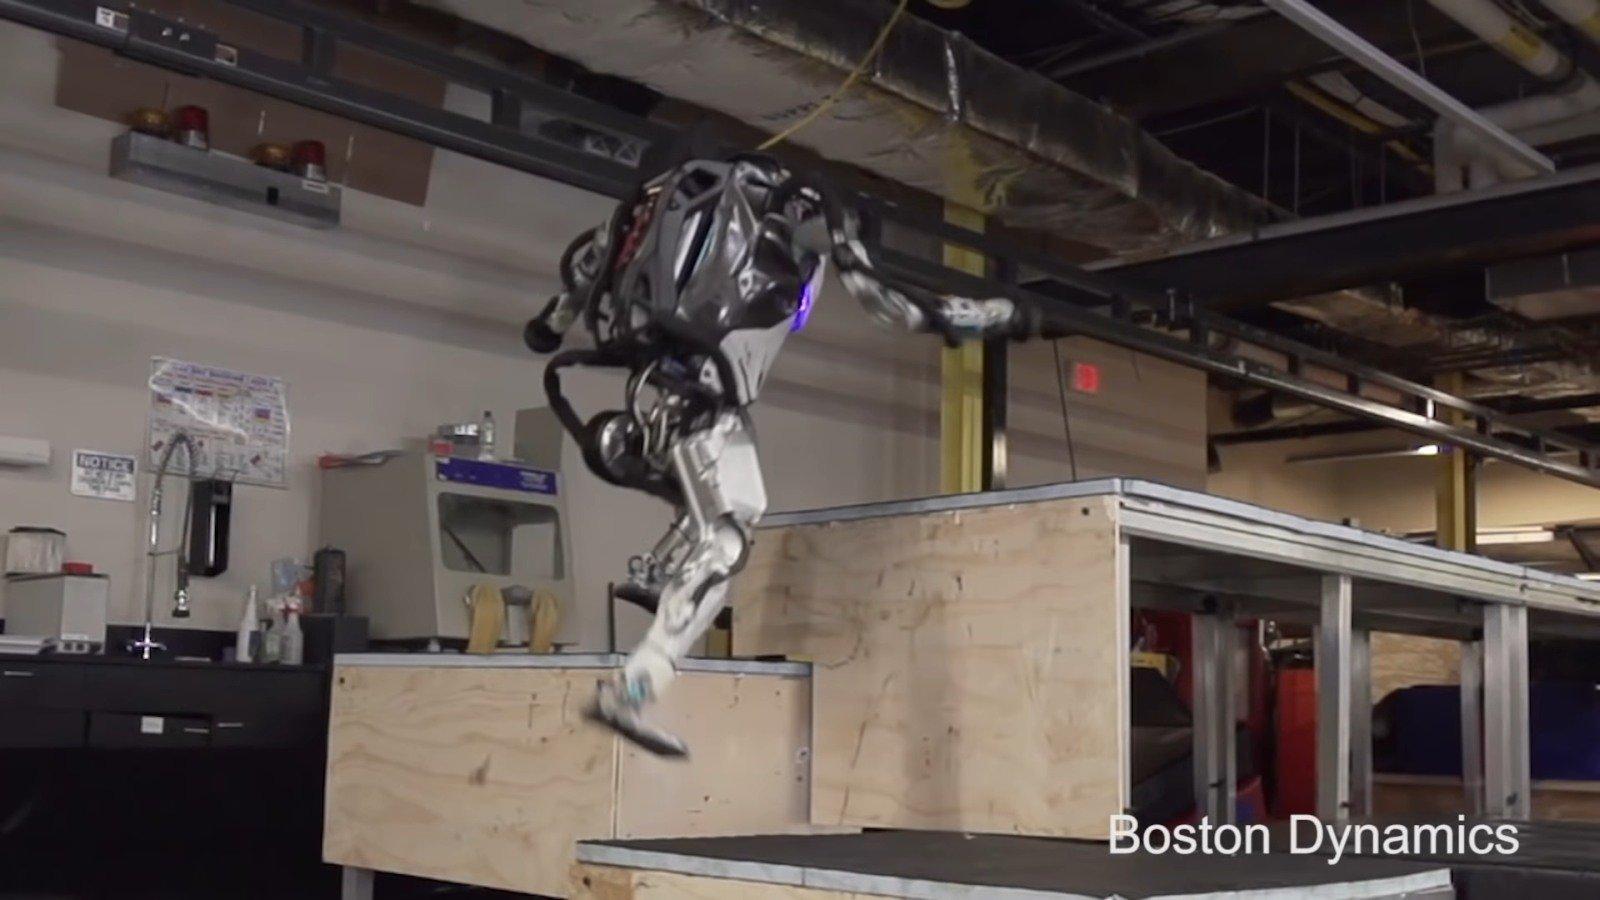 #видео | Компания Boston Dynamics обучила своего робота «паркуру»